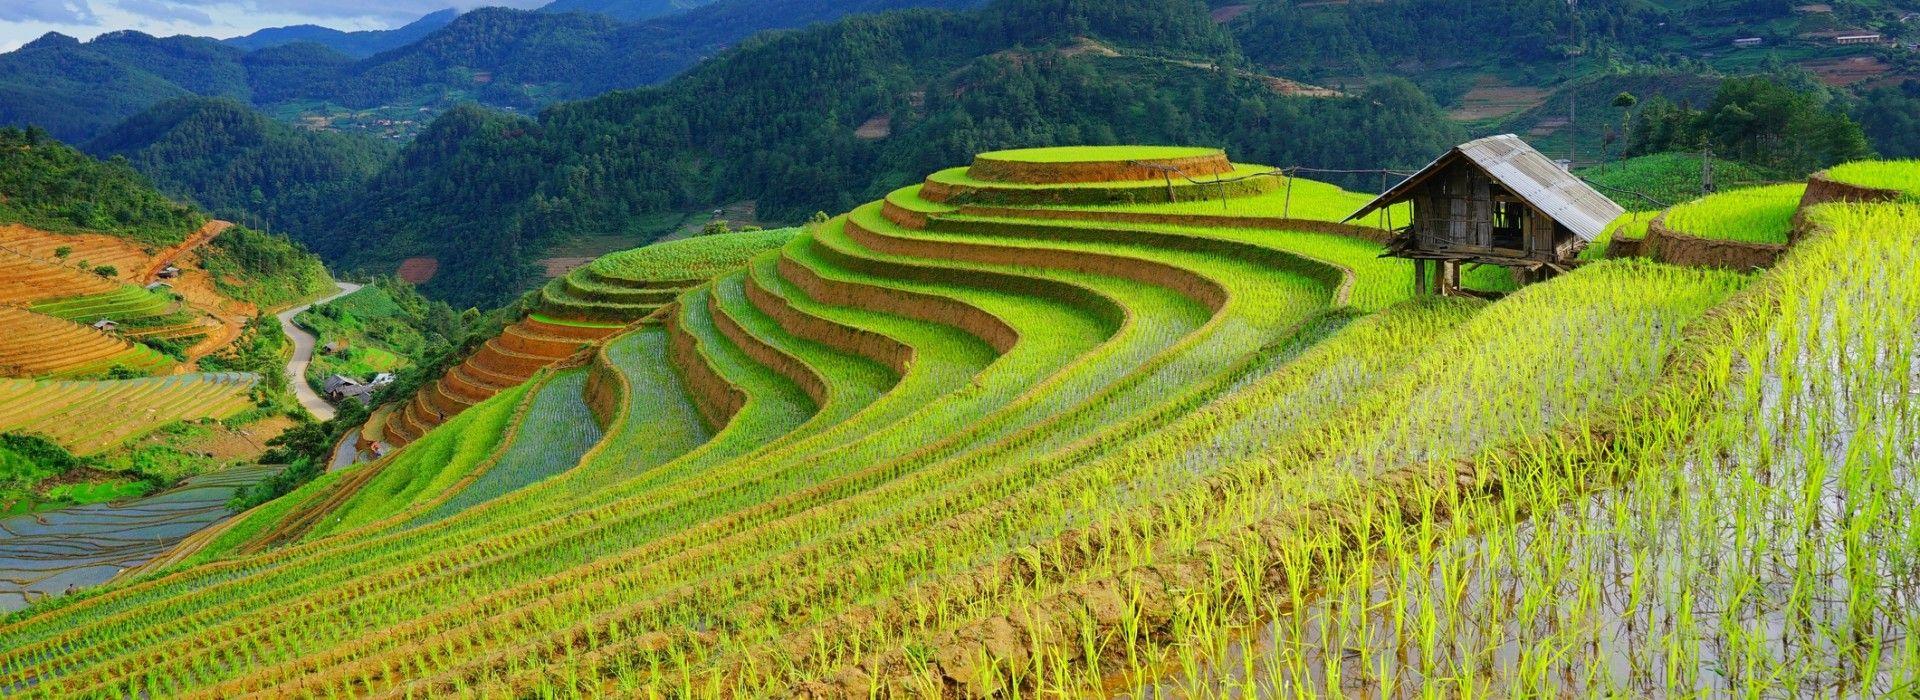 Sapa treks, tours and trips takes you through lush paddy fields